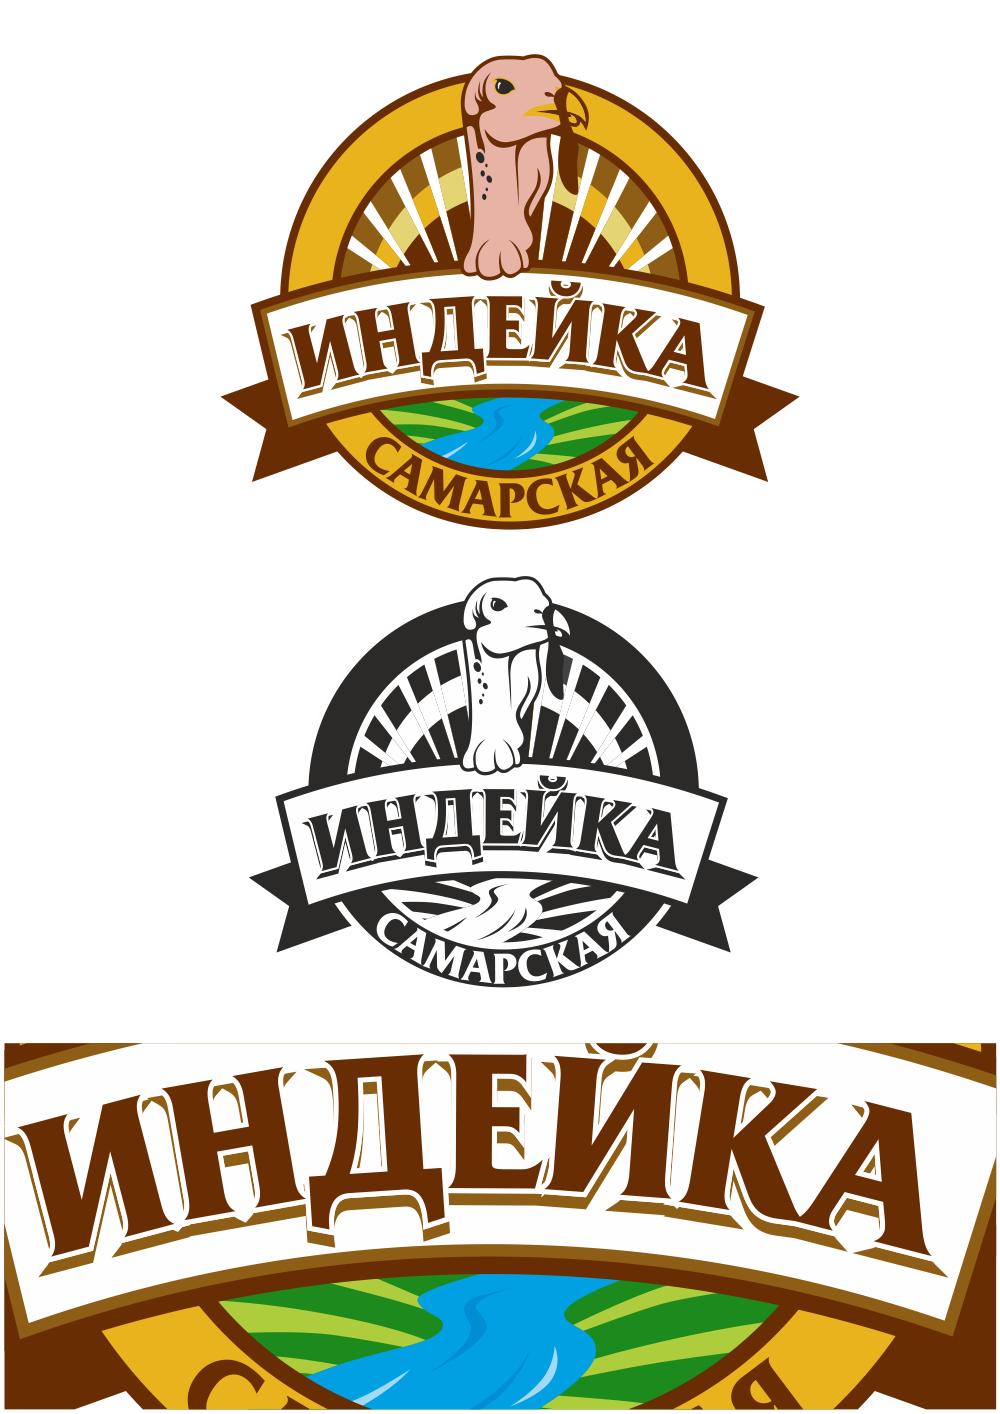 Создание логотипа Сельхоз производителя фото f_21355e4220e1d1c0.png